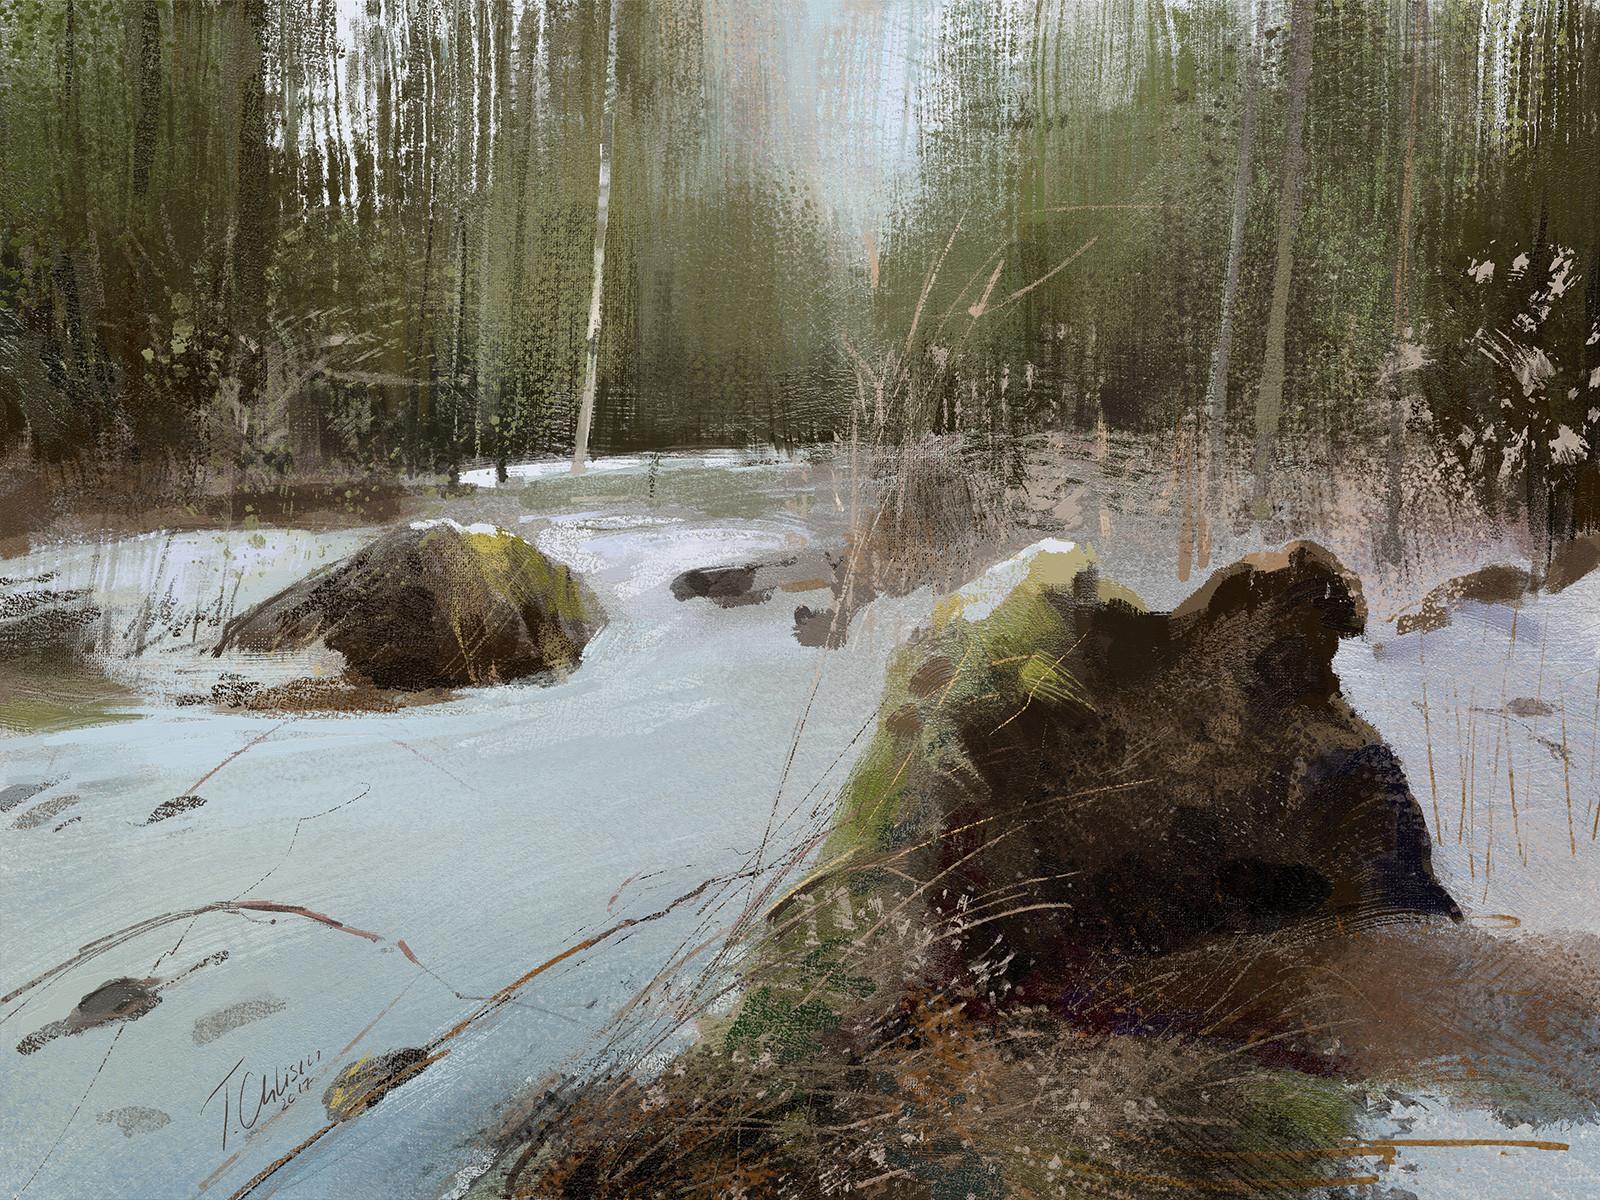 Tymoteusz chliszcz landscape27 by chliszcz